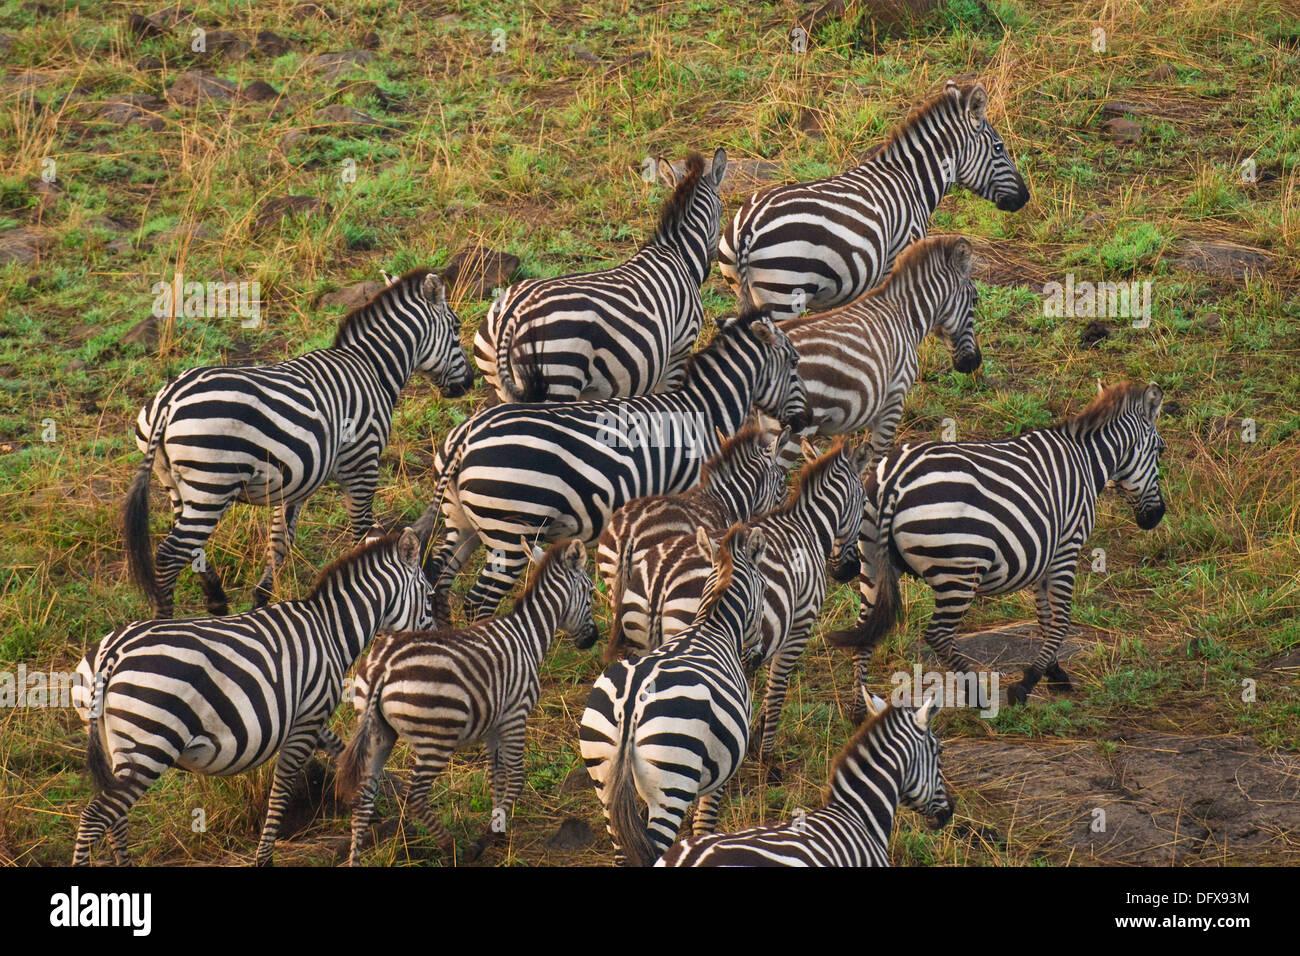 Eine Luftaufnahme einer Herde Zebras an der Bewegung, Masai Mara National Reserve, Kenia Stockbild